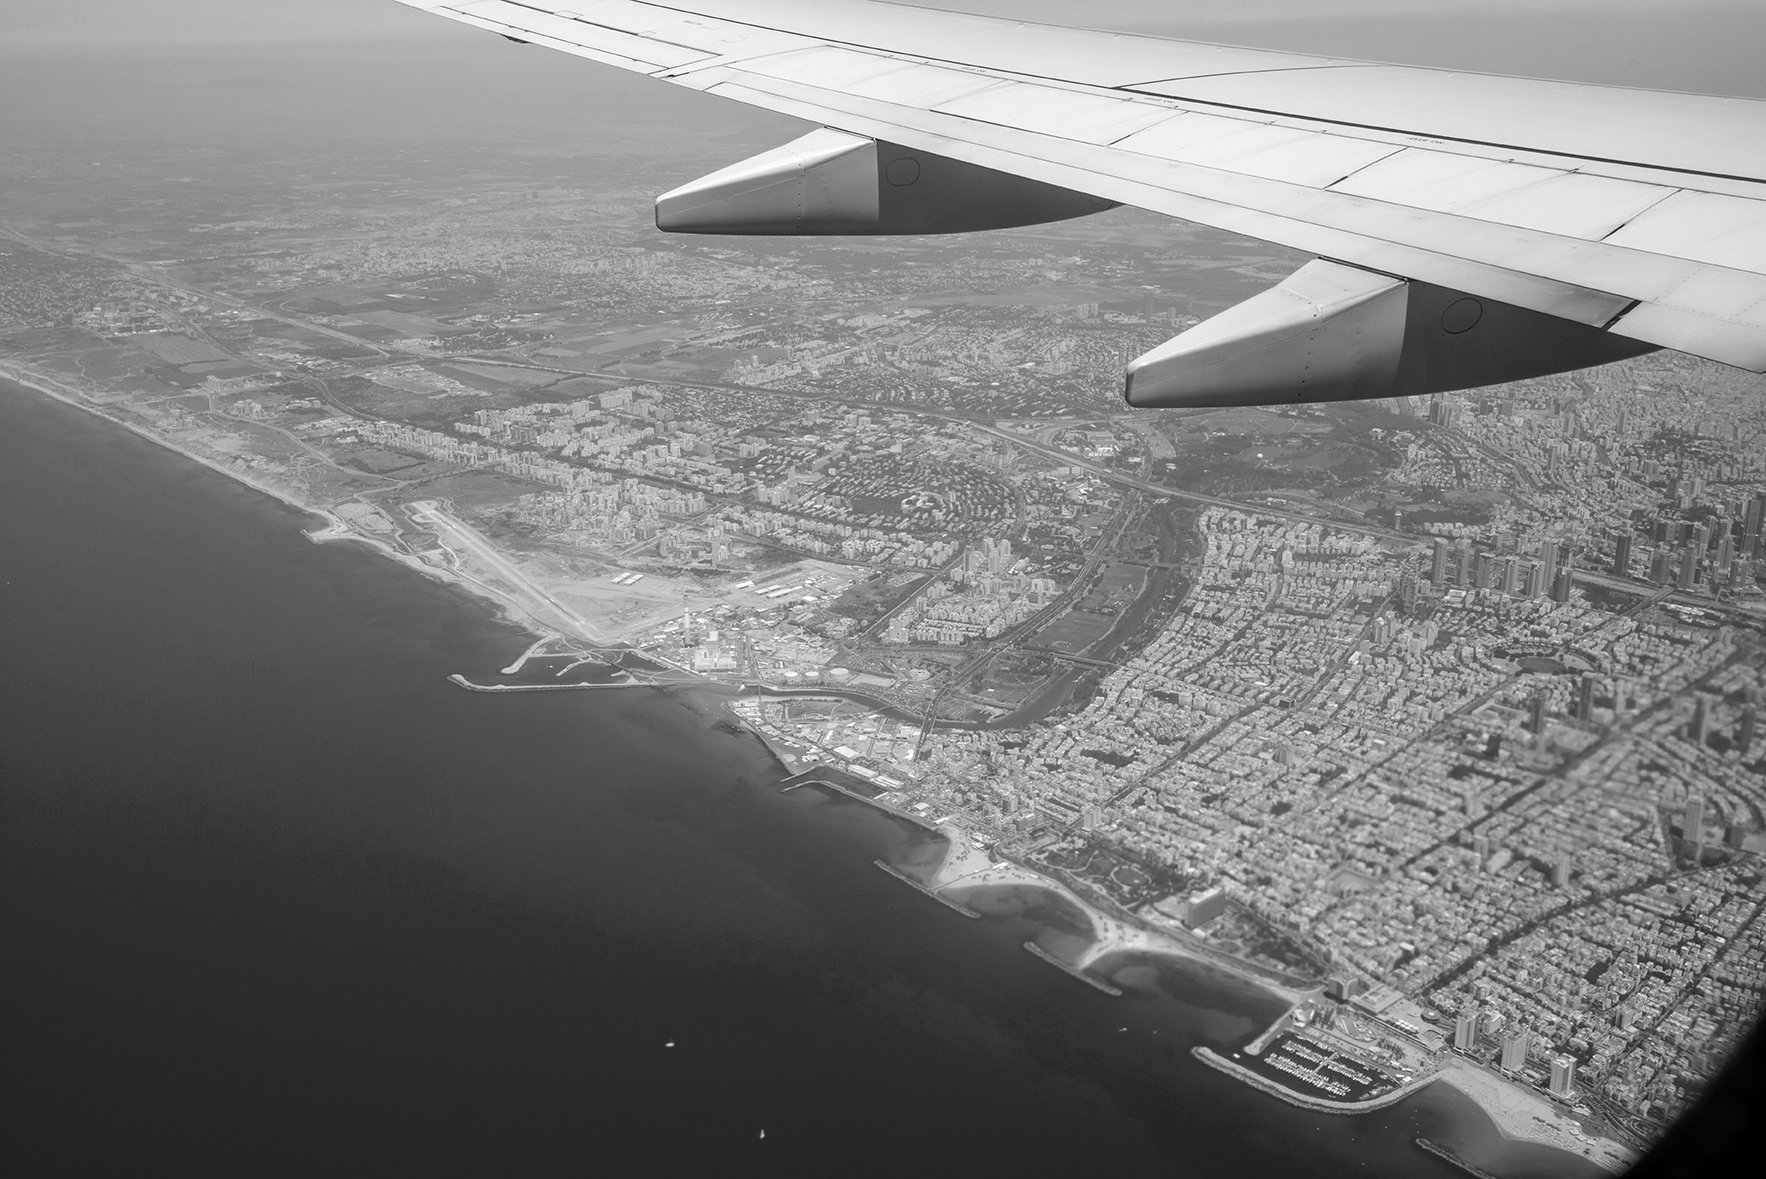 Vista de la costa de Tel-Aviv y una parte del ala del avión